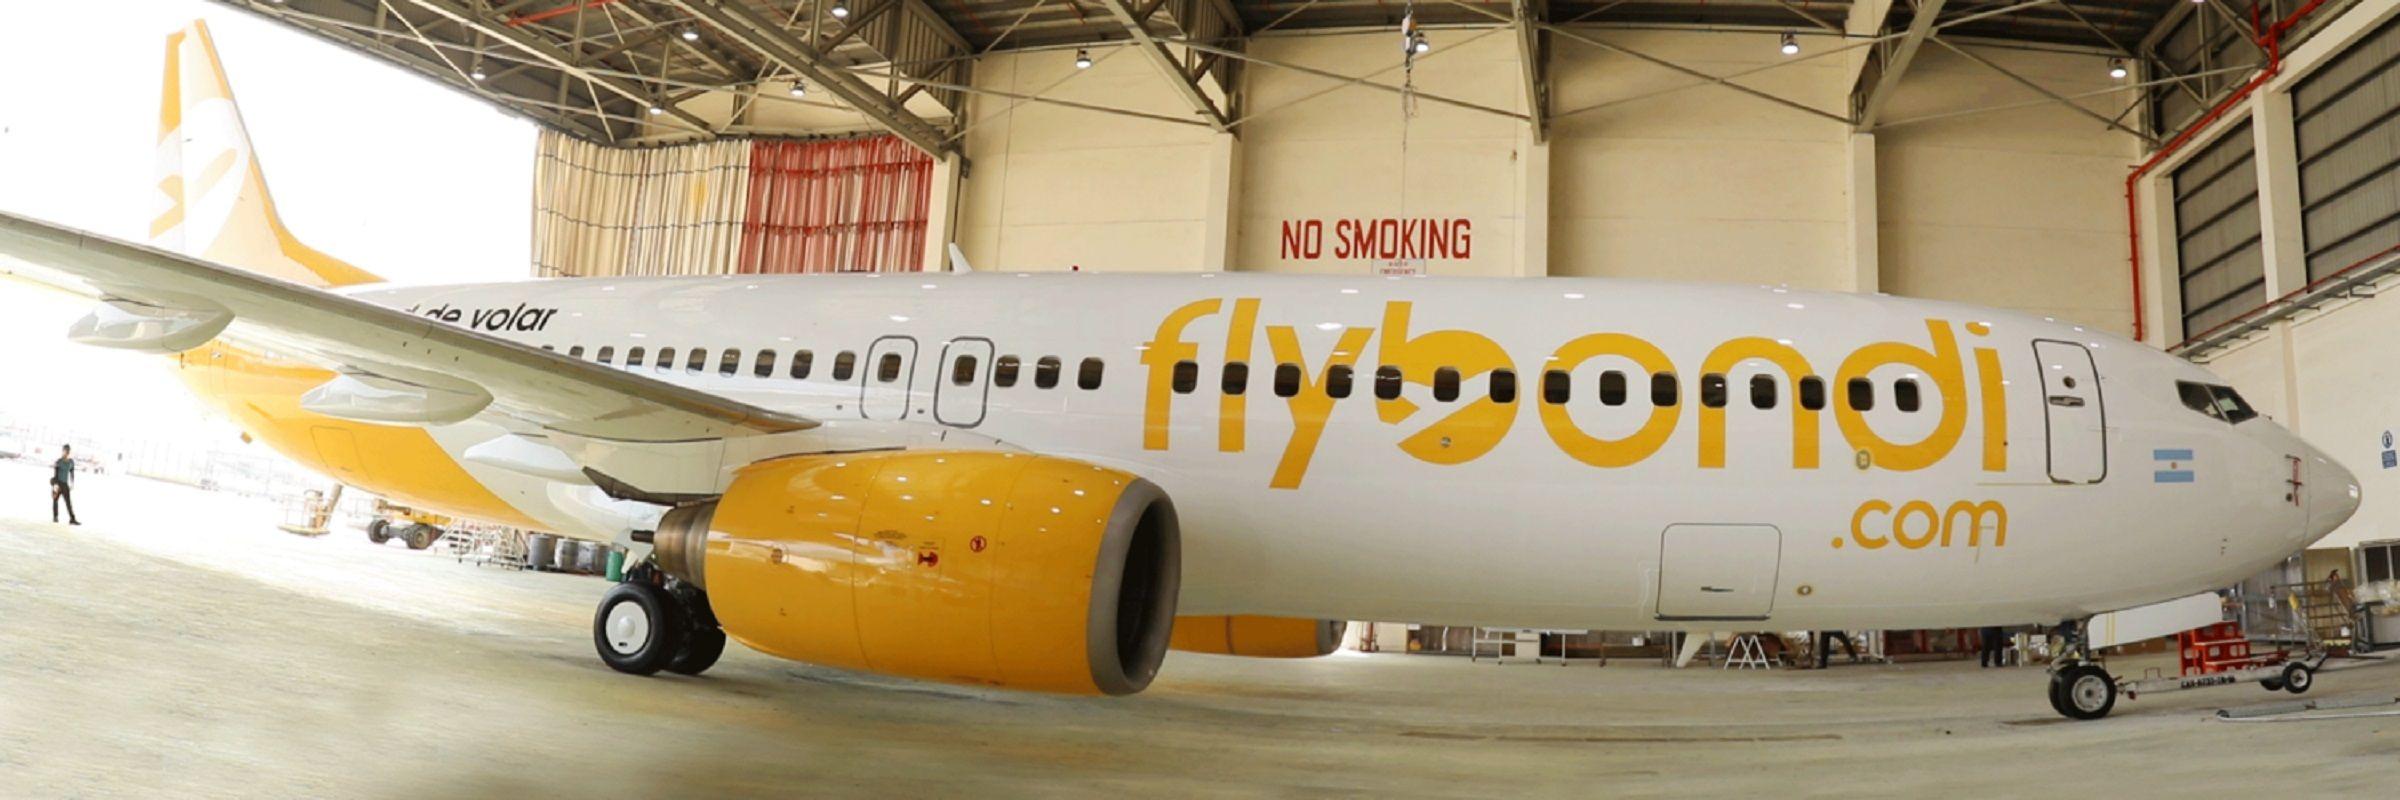 El avión llegará al país en los próximos días